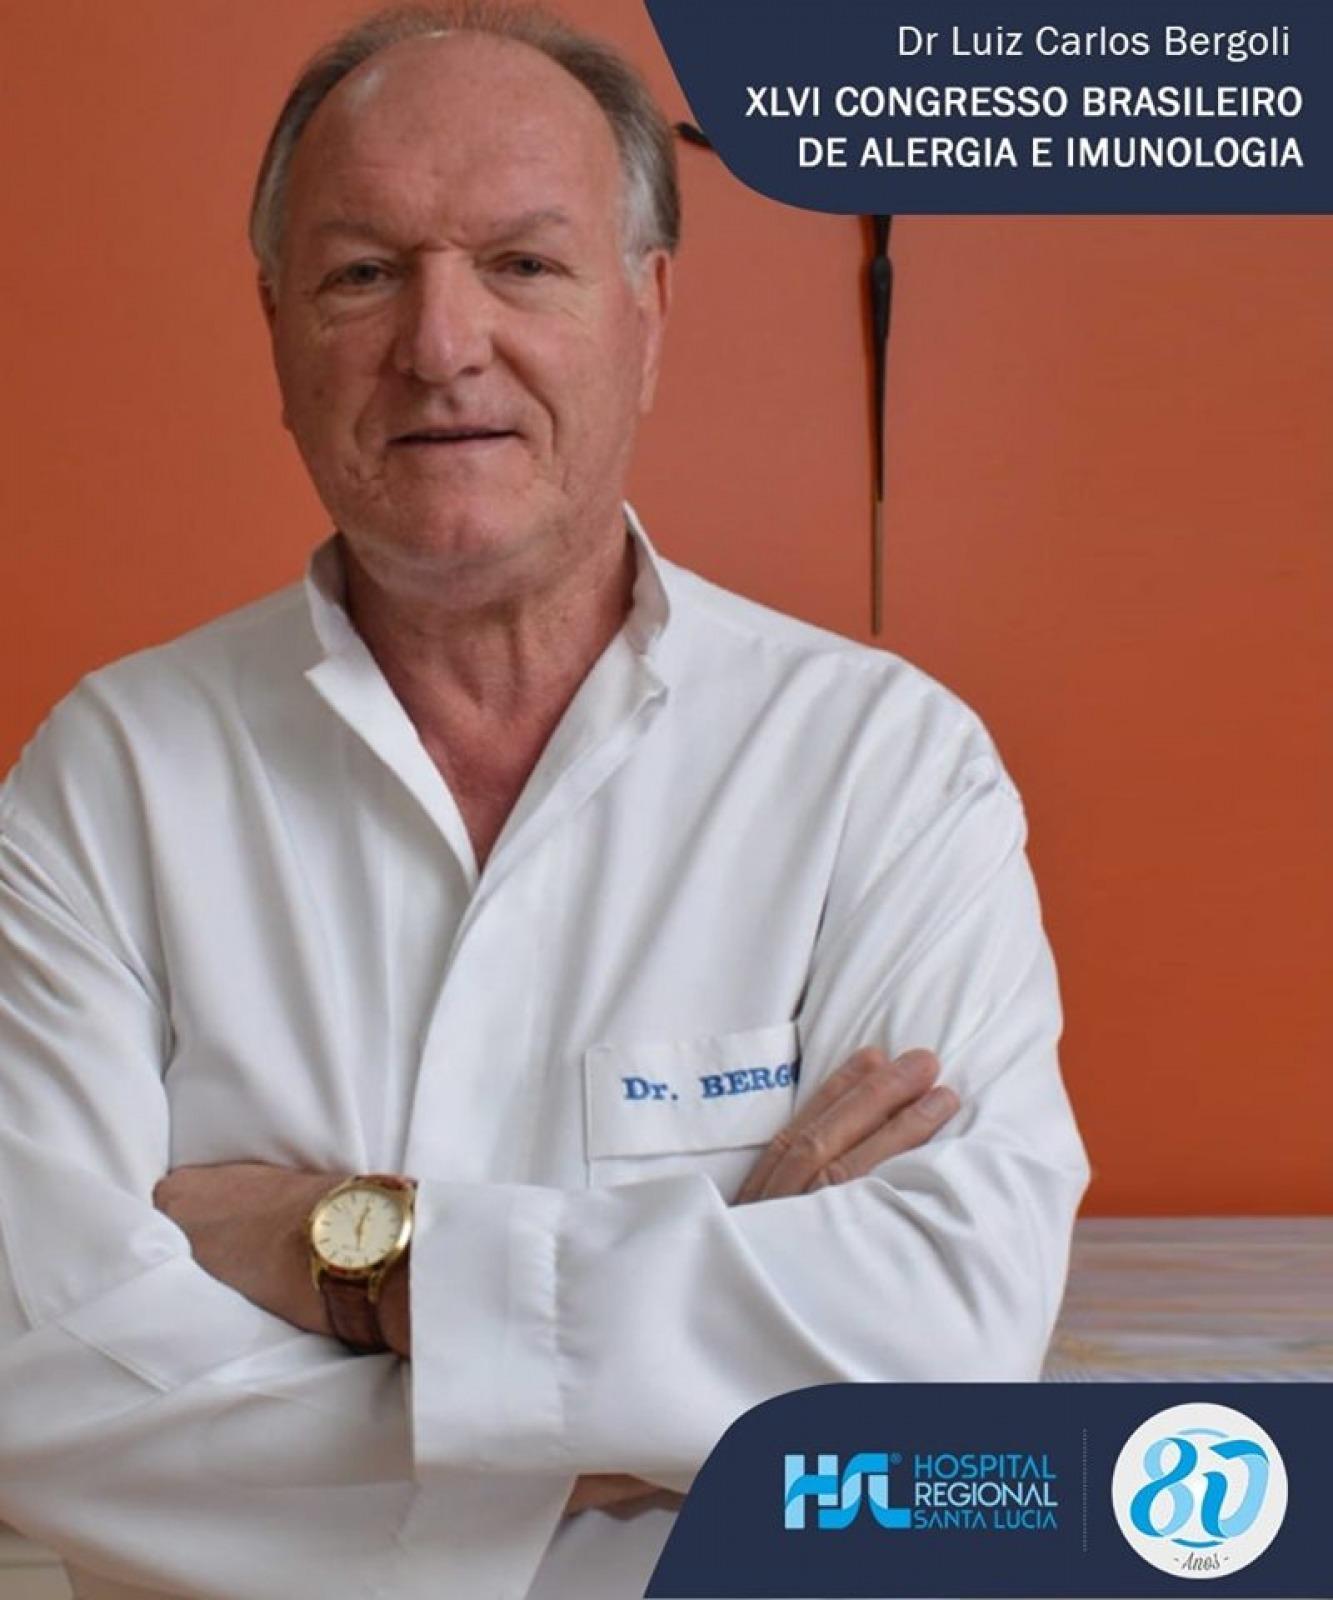 XLVI Congresso Brasileiro de Alergia e Imunologia